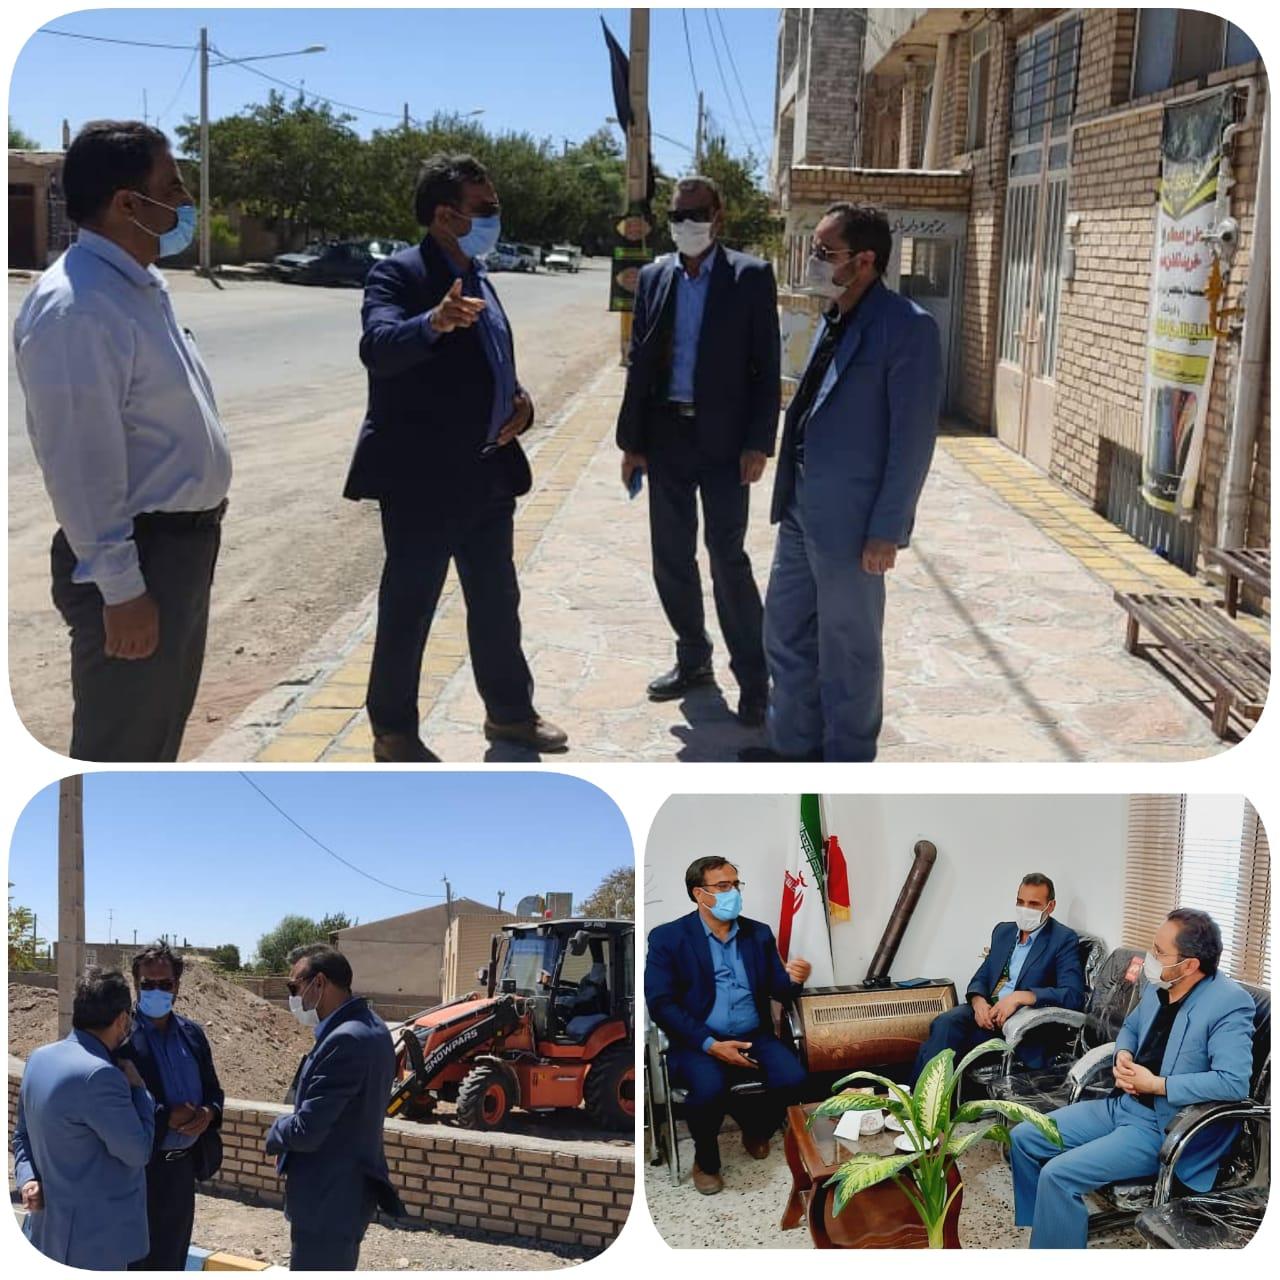 بازدید کارشناس دفتر فنی استانداری جناب آقای مهندس ابراهیم آبادی از پروژه های در حال انجام شهرداری باغستان